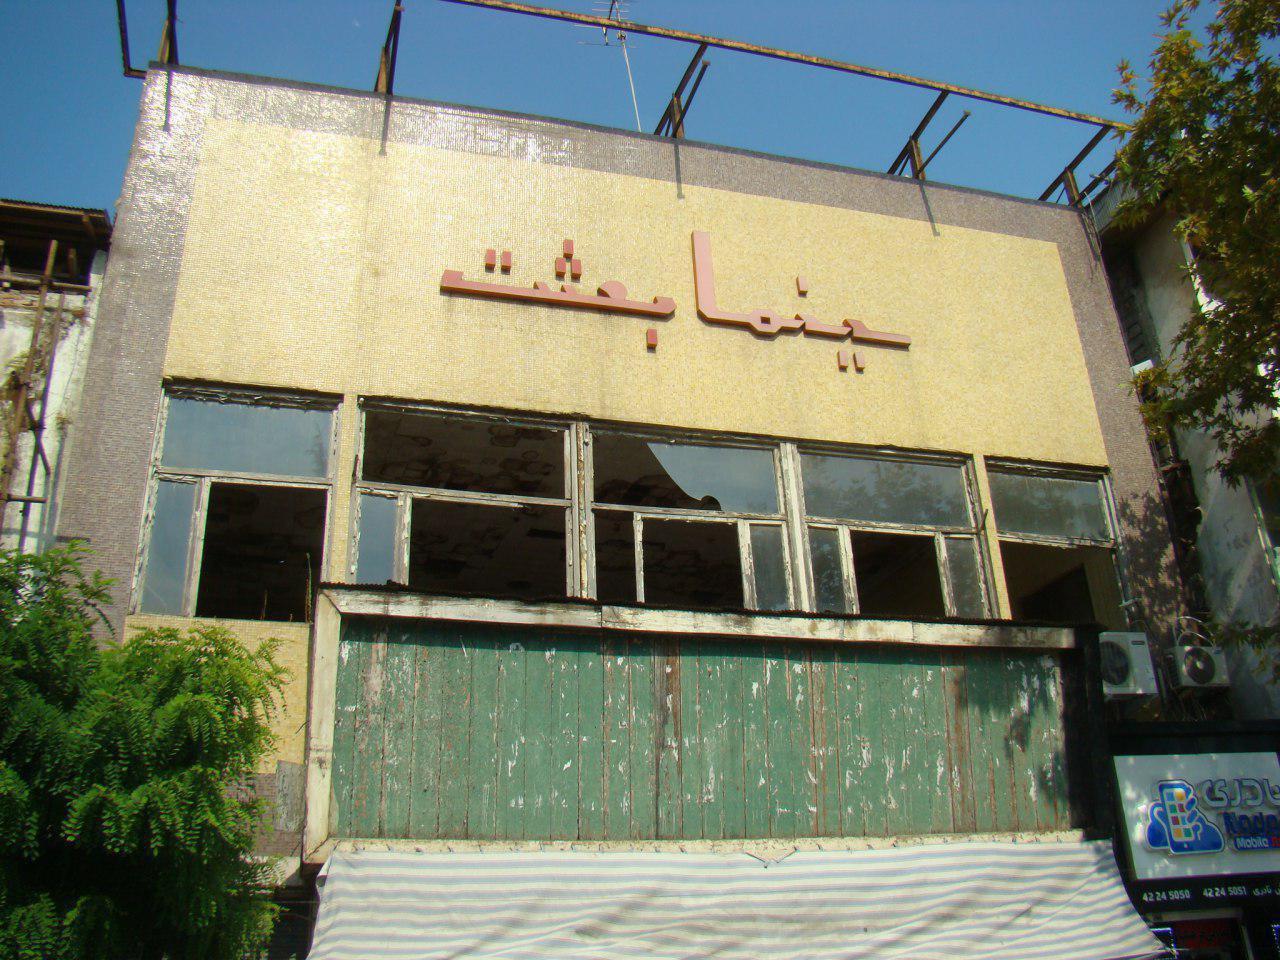 تخریب ساختمان سینما بعثت شهر لاهیجان/لزوم رسیدگی به ساختمان های خطرآفرین شهر